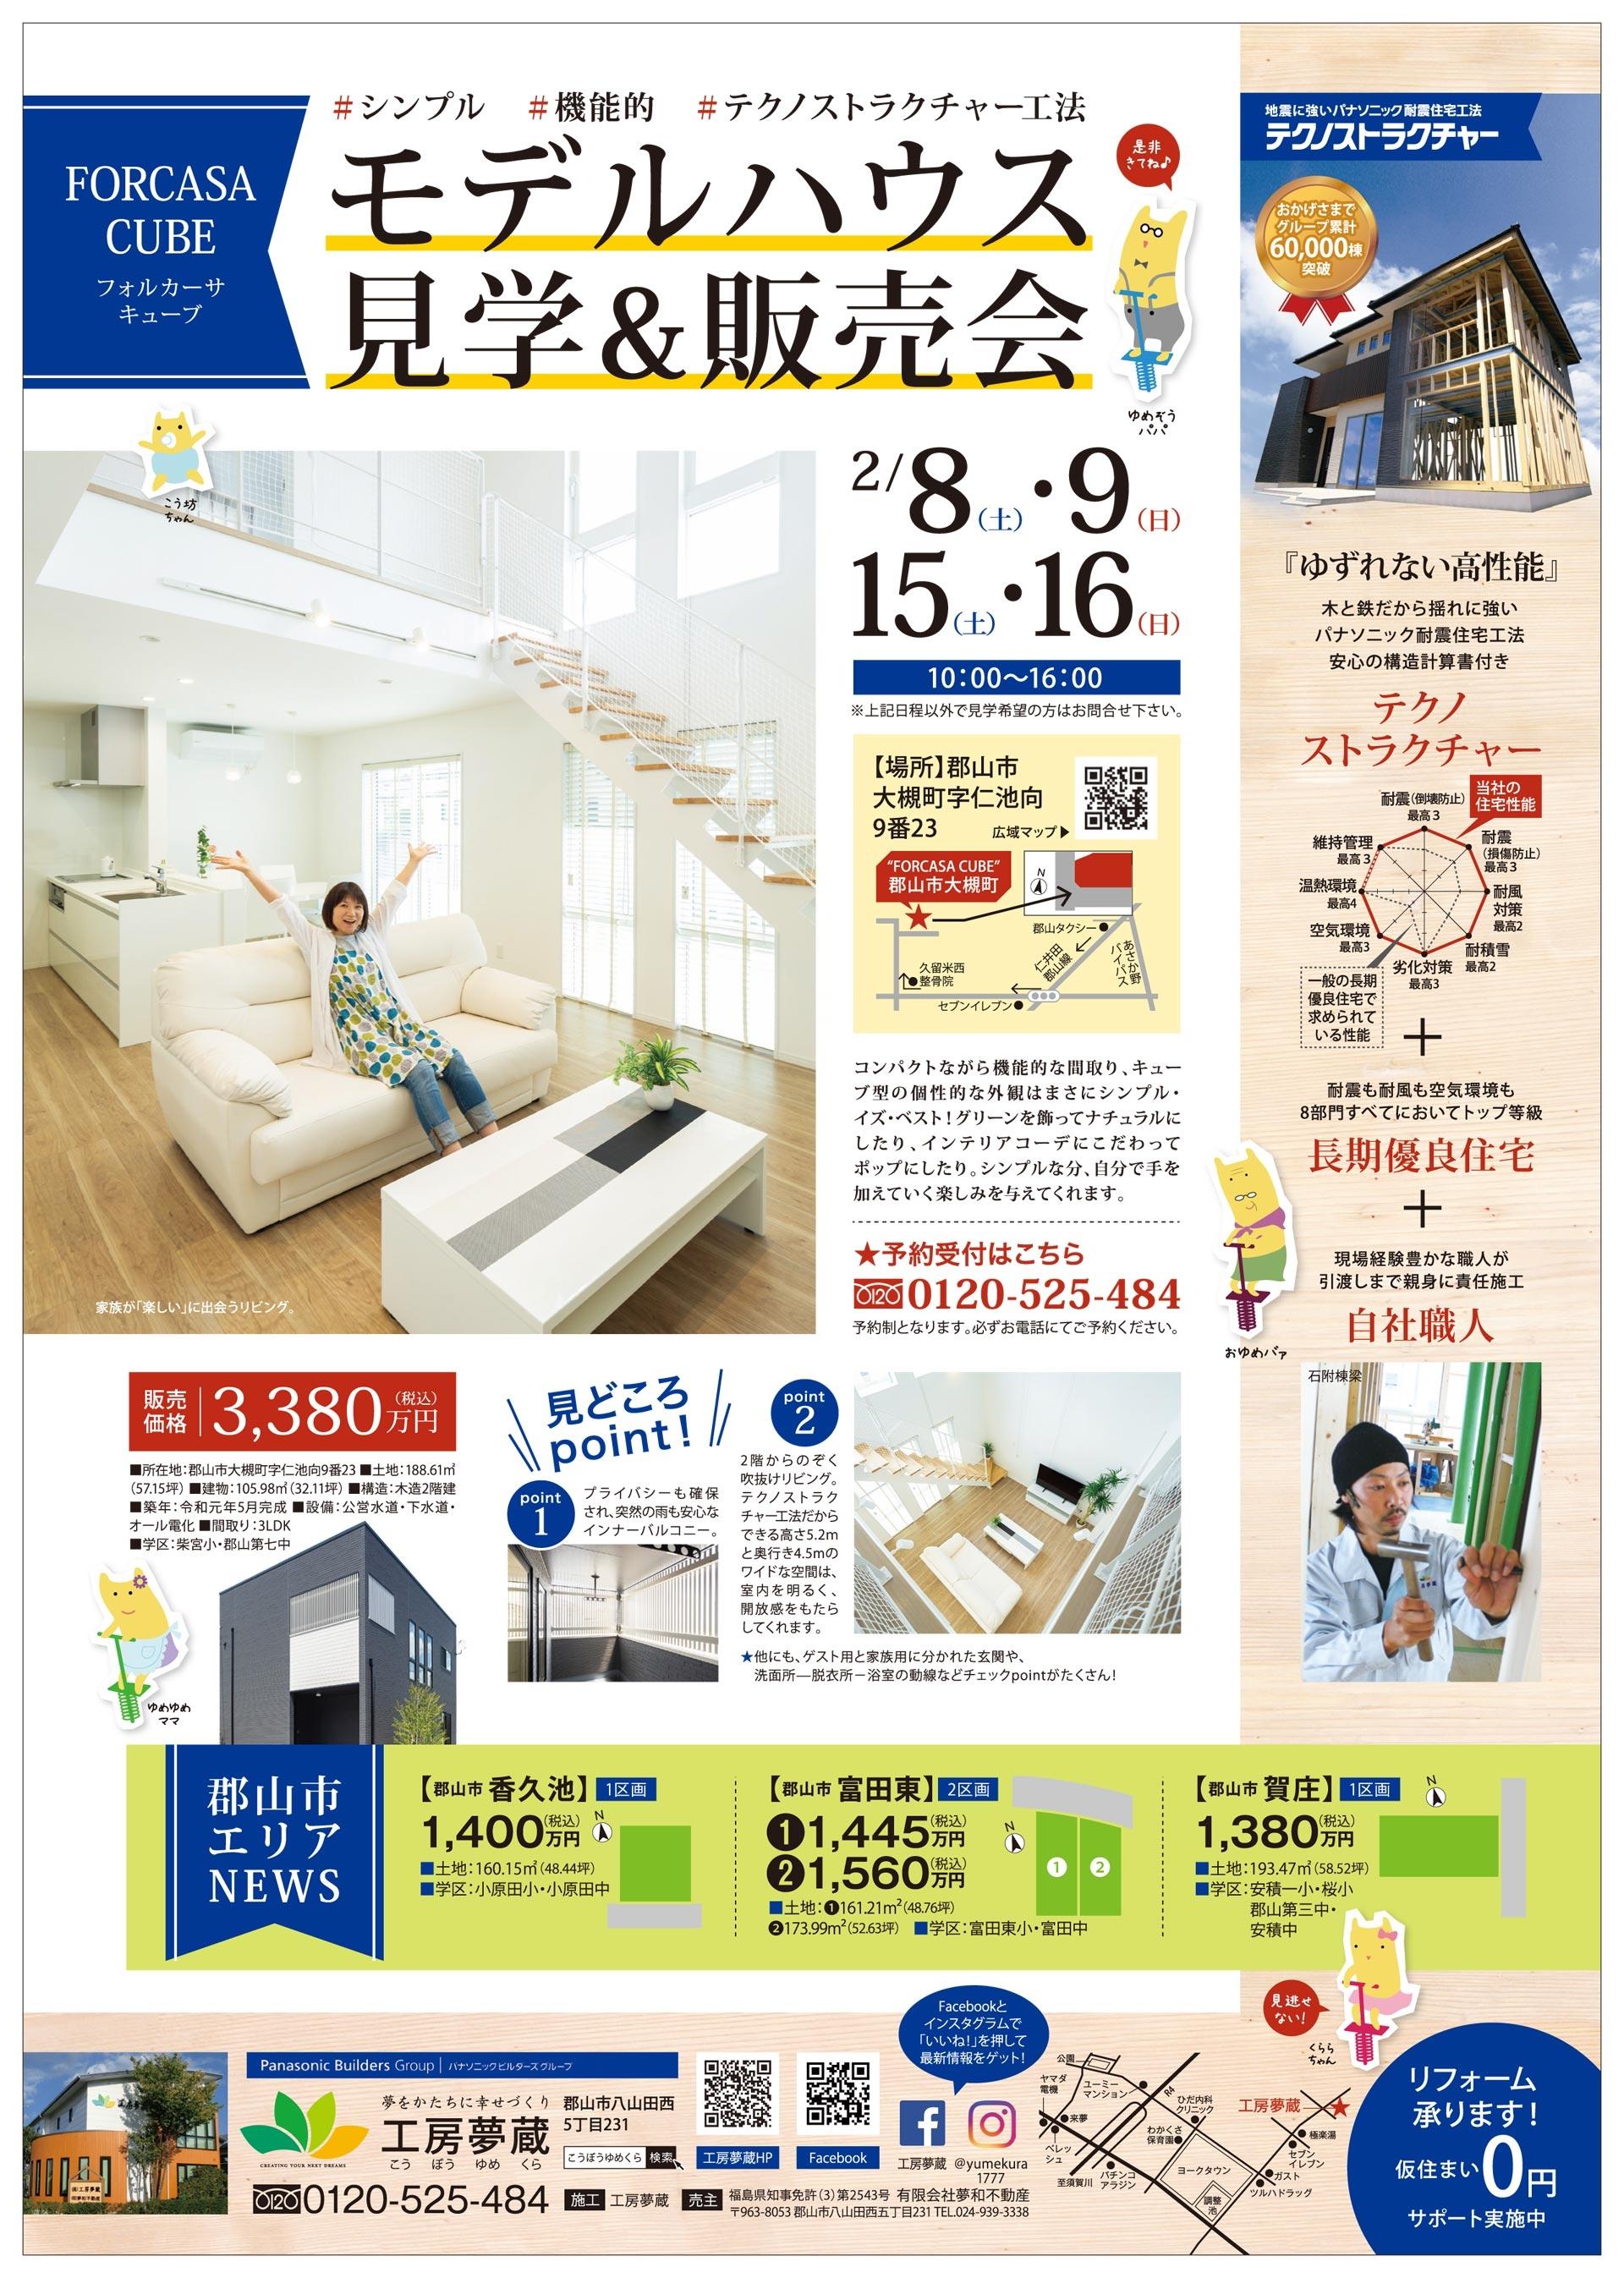 https://www.yumekura.net/ac07ec312ed6e7cd2ba001b59e8b17b6b82f0303.jpg